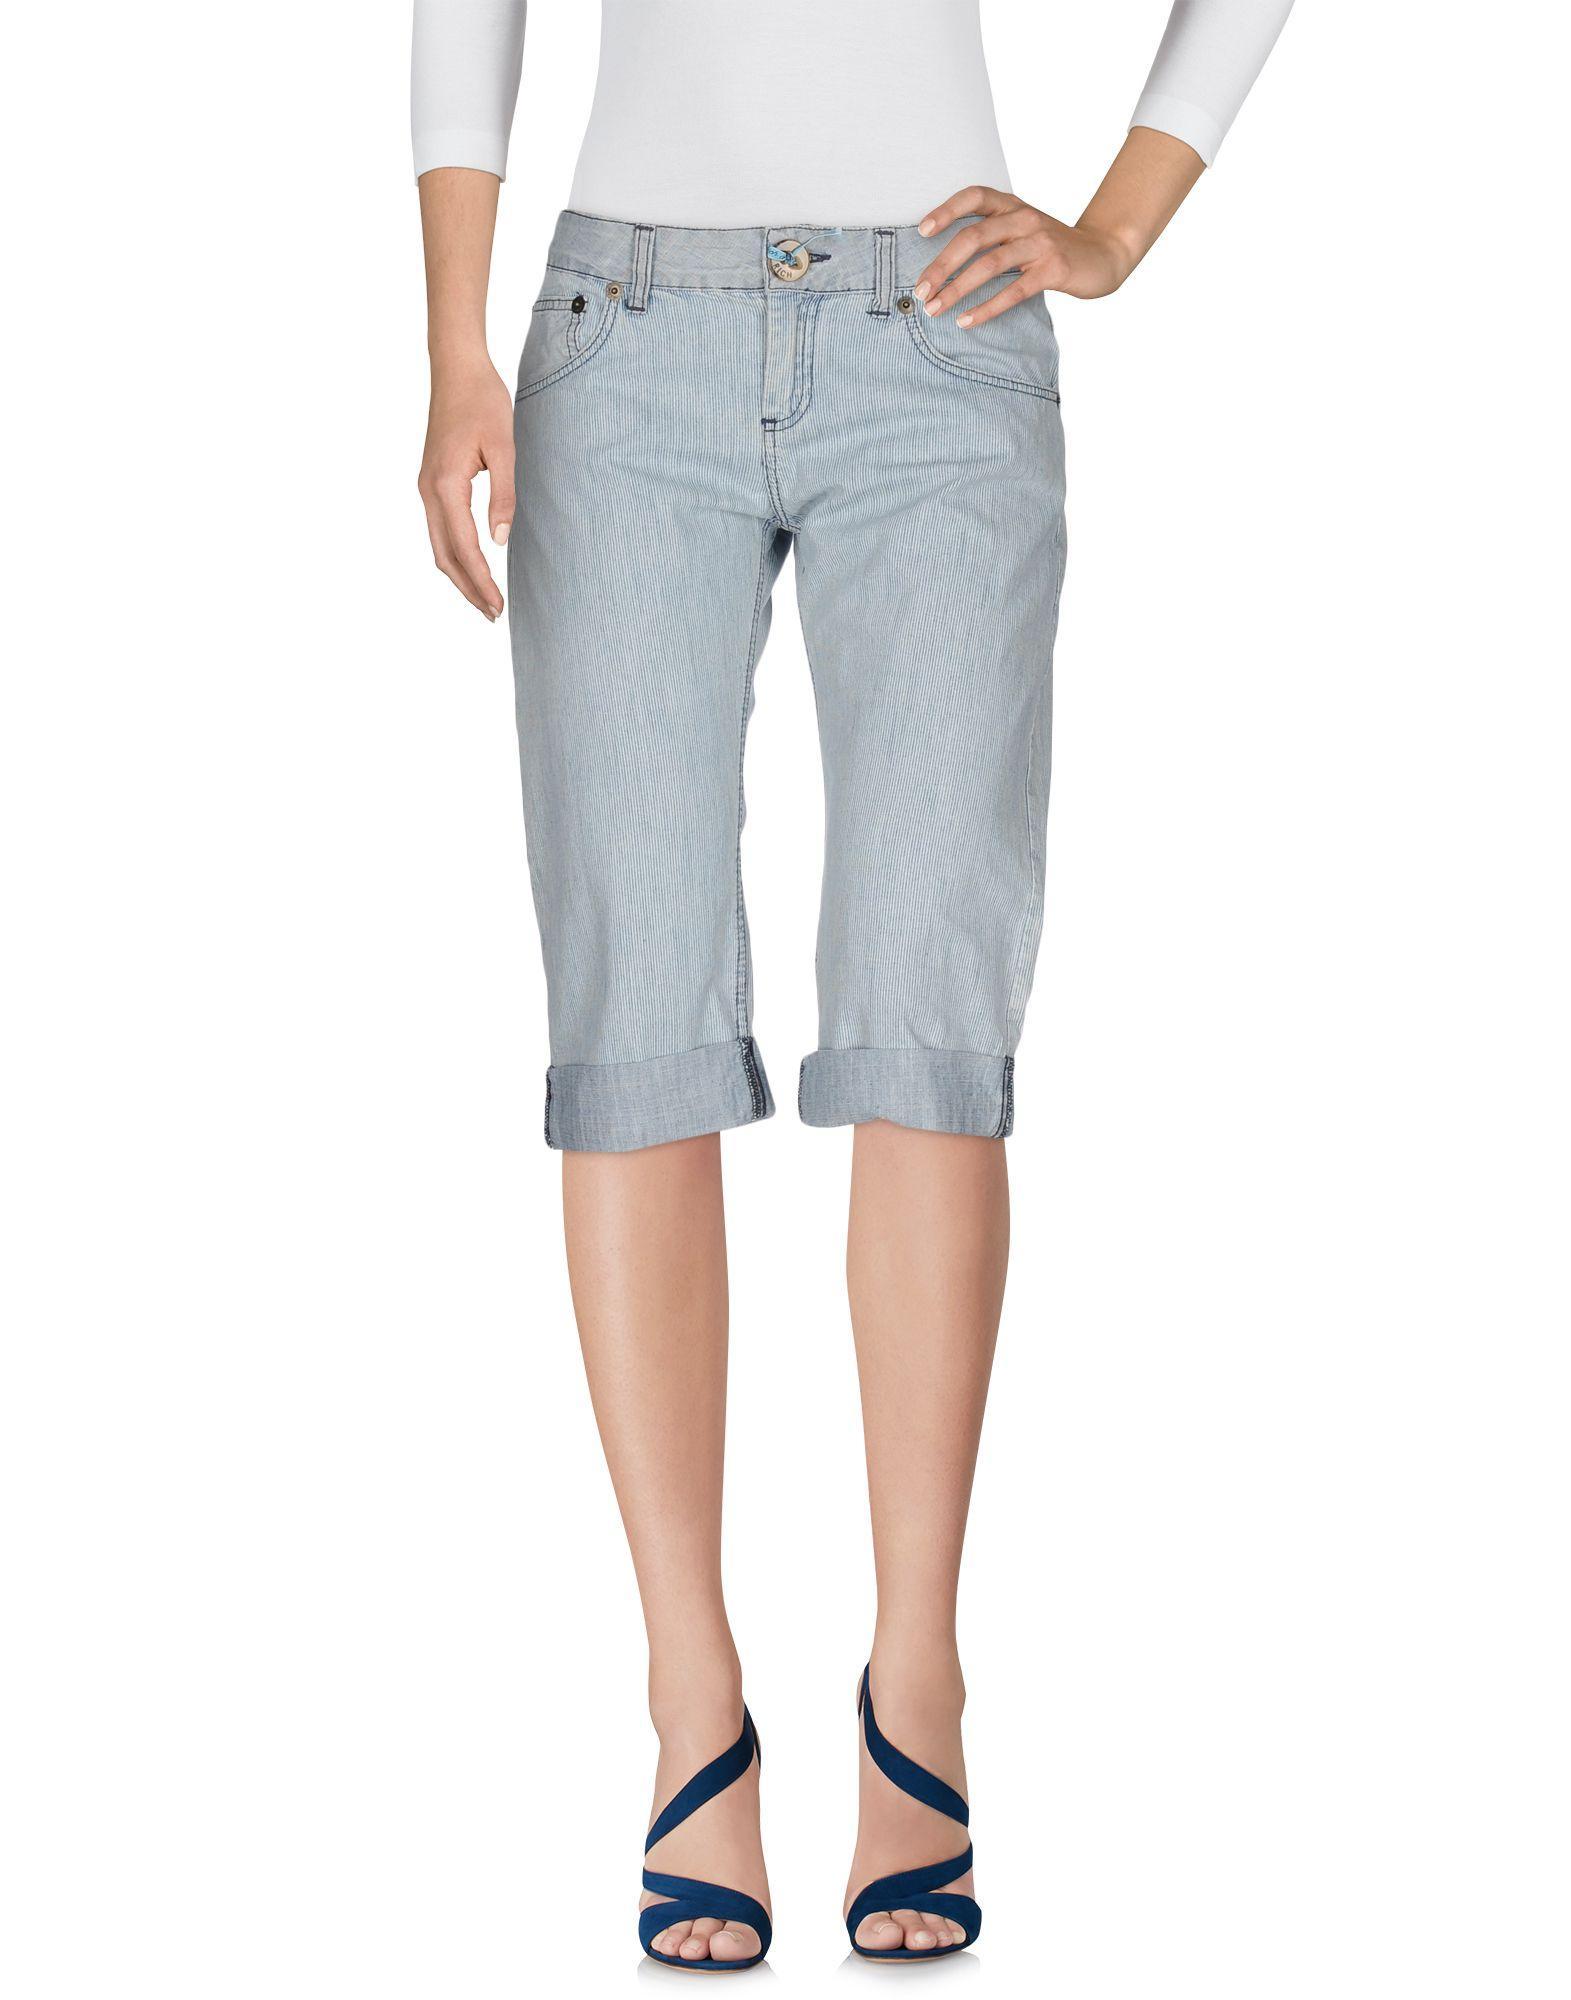 RICHMOND DENIM Джинсовые брюки-капри